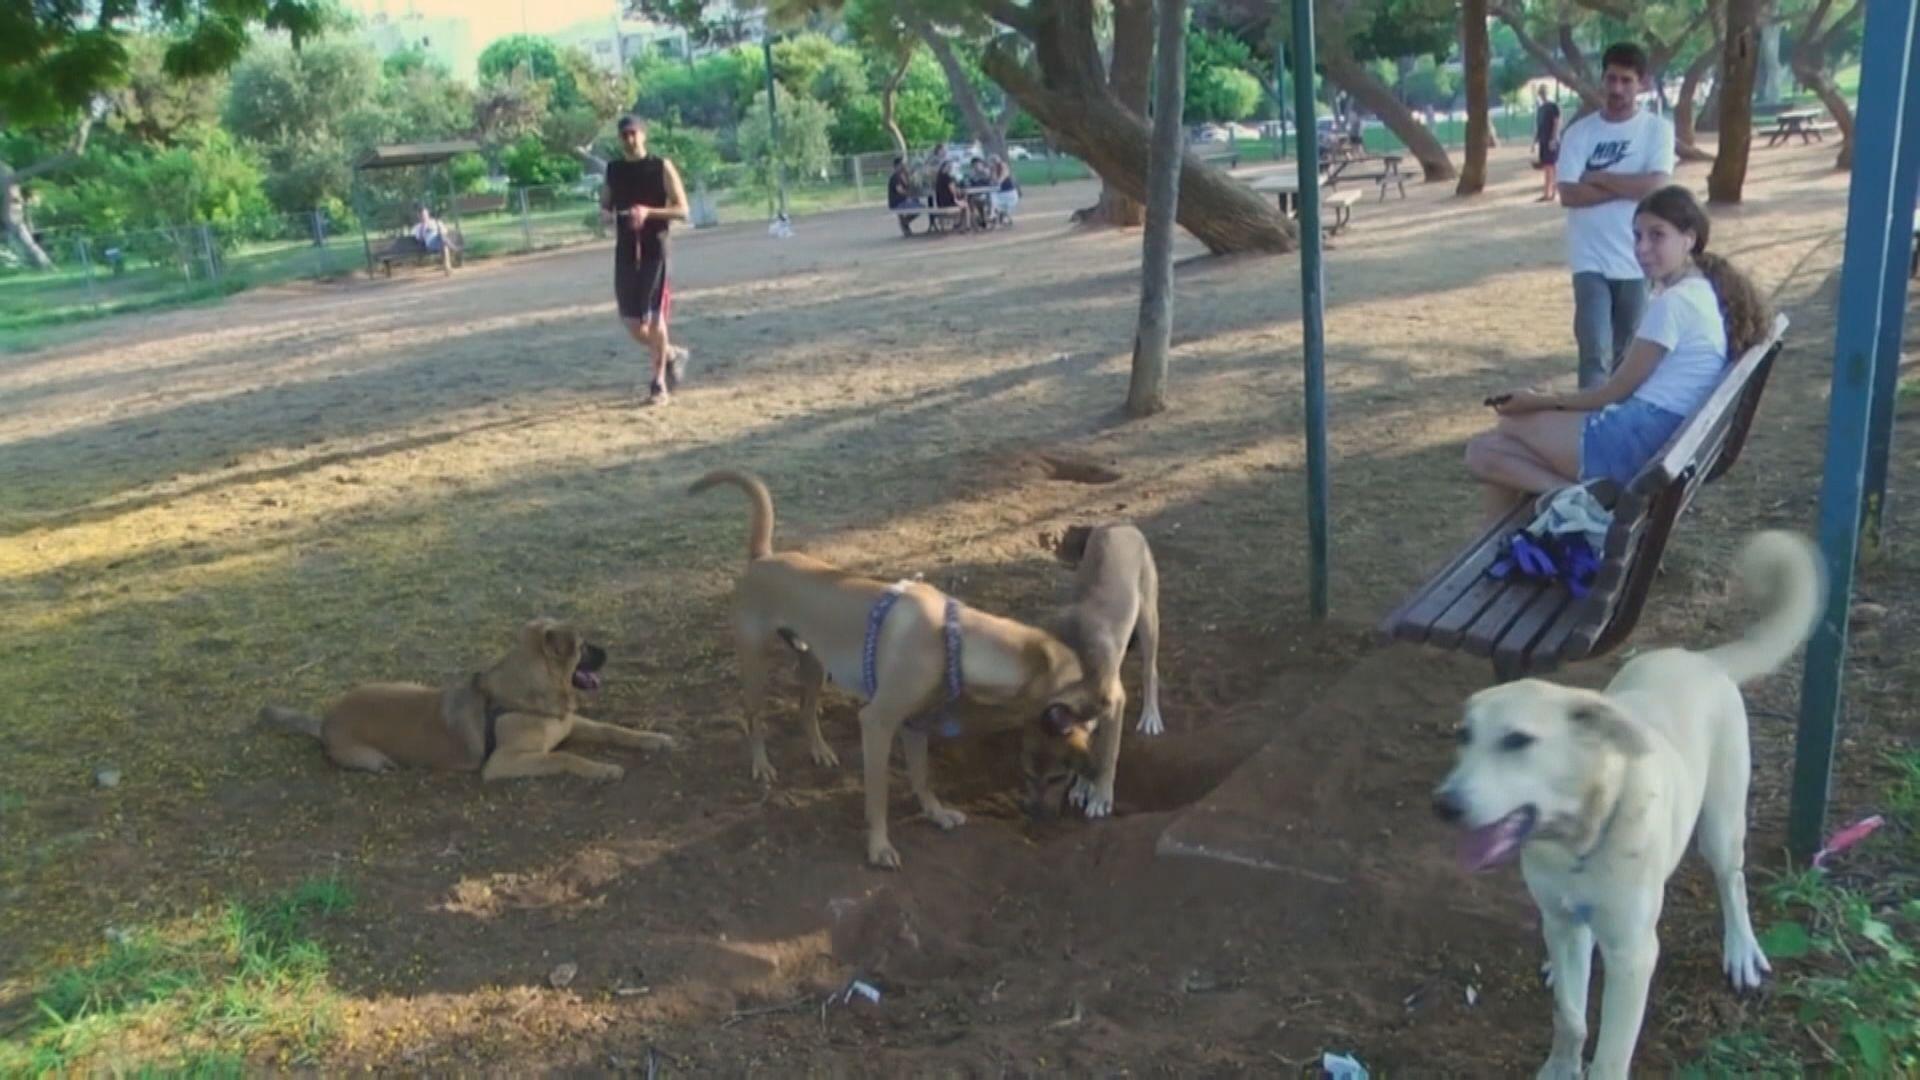 【環球薈報】特拉維夫將驗路邊狗隻糞便DNA 追查狗主身份